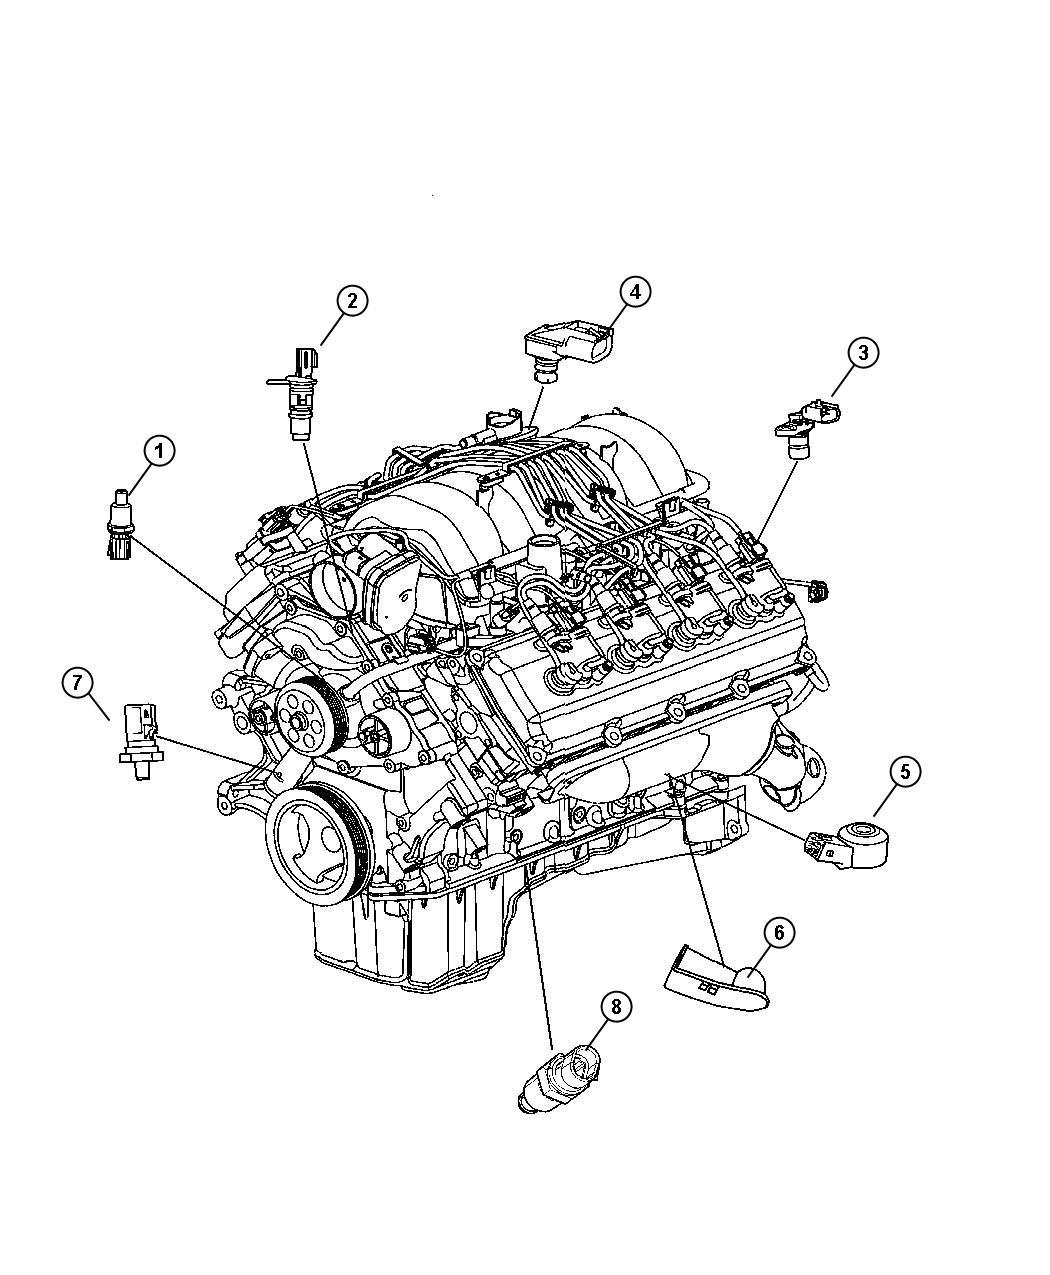 DIAGRAM] 5 7 Hemi Engine Diagram Coolant FULL Version HD Quality Diagram  Coolant - QUALITYHIFI.ELEZIONICOMUNEBRA.ITWiring Diagram BOX